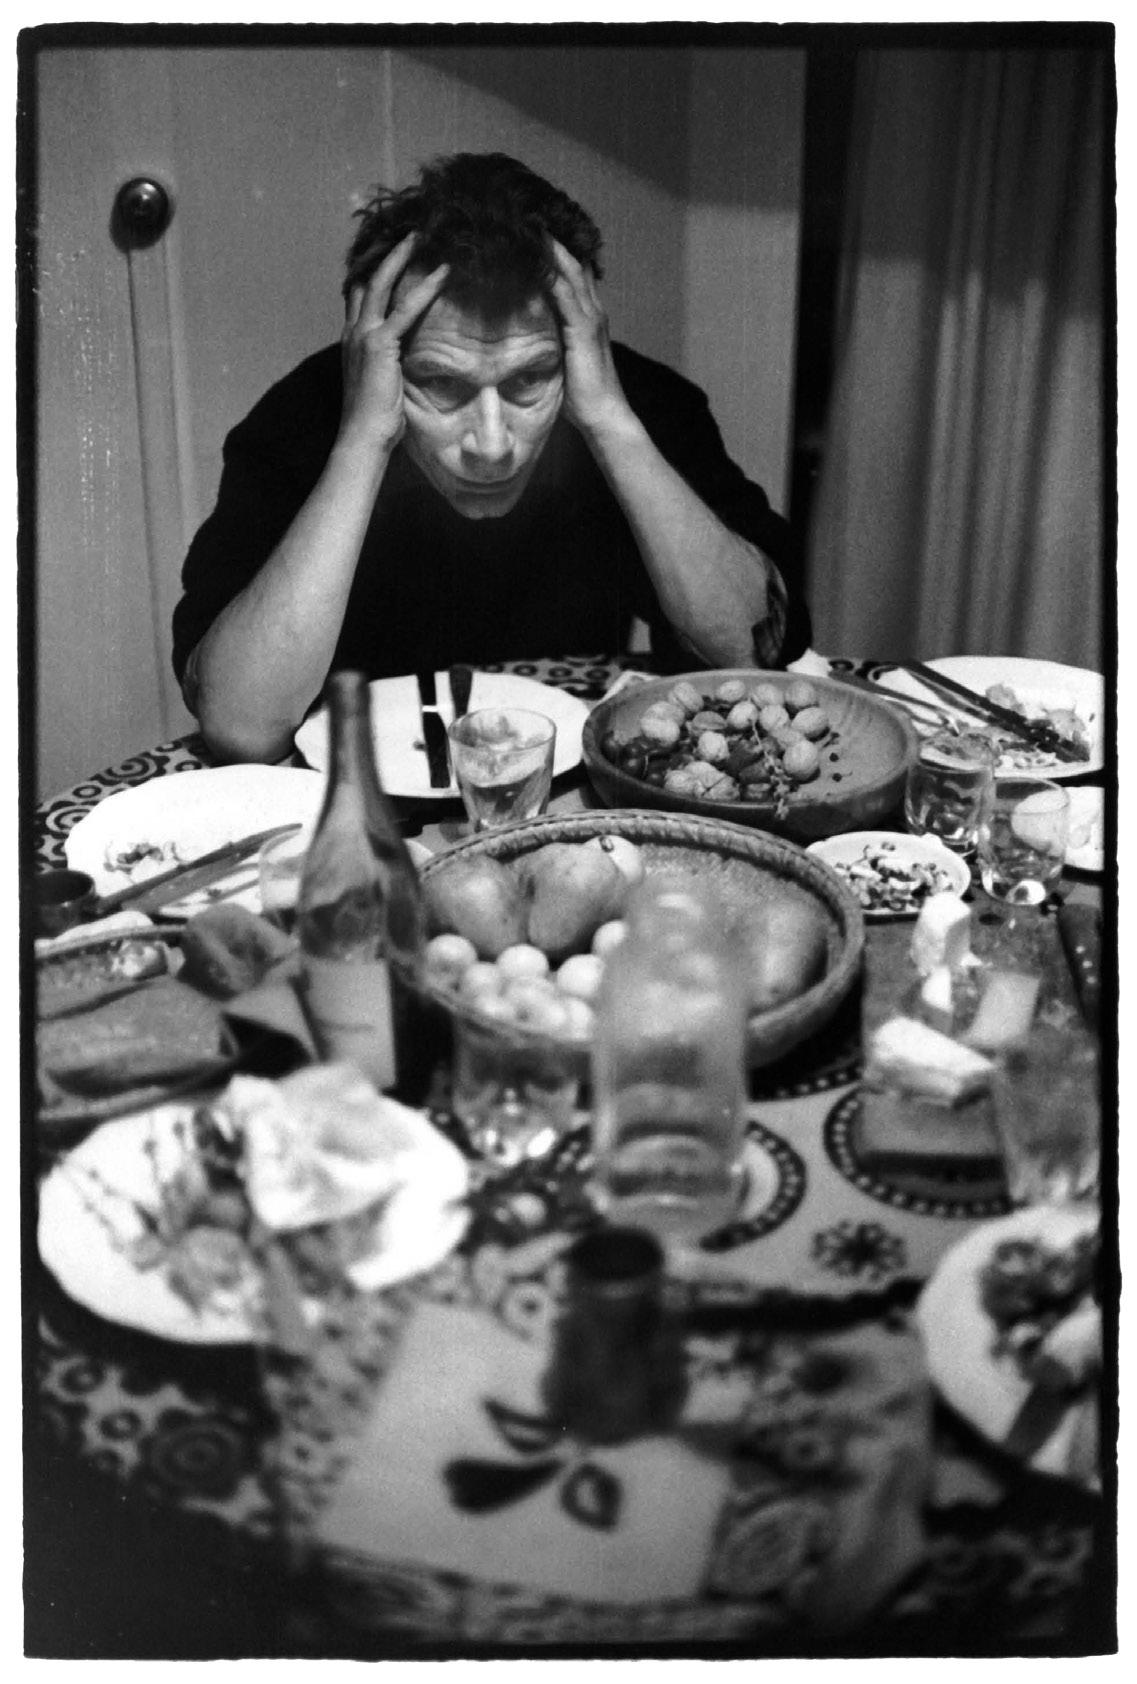 """""""우리를 두렵게 하는 건 작은 일이에요. 우리를 죽일 수도 있는 거대한 일은, 오히려 우리를 용감하게 만들어주죠.""""  그의 말을 기억하며, 아흔 살의 나이로 세상을 떠난 존 버거에게 보내는 편지."""